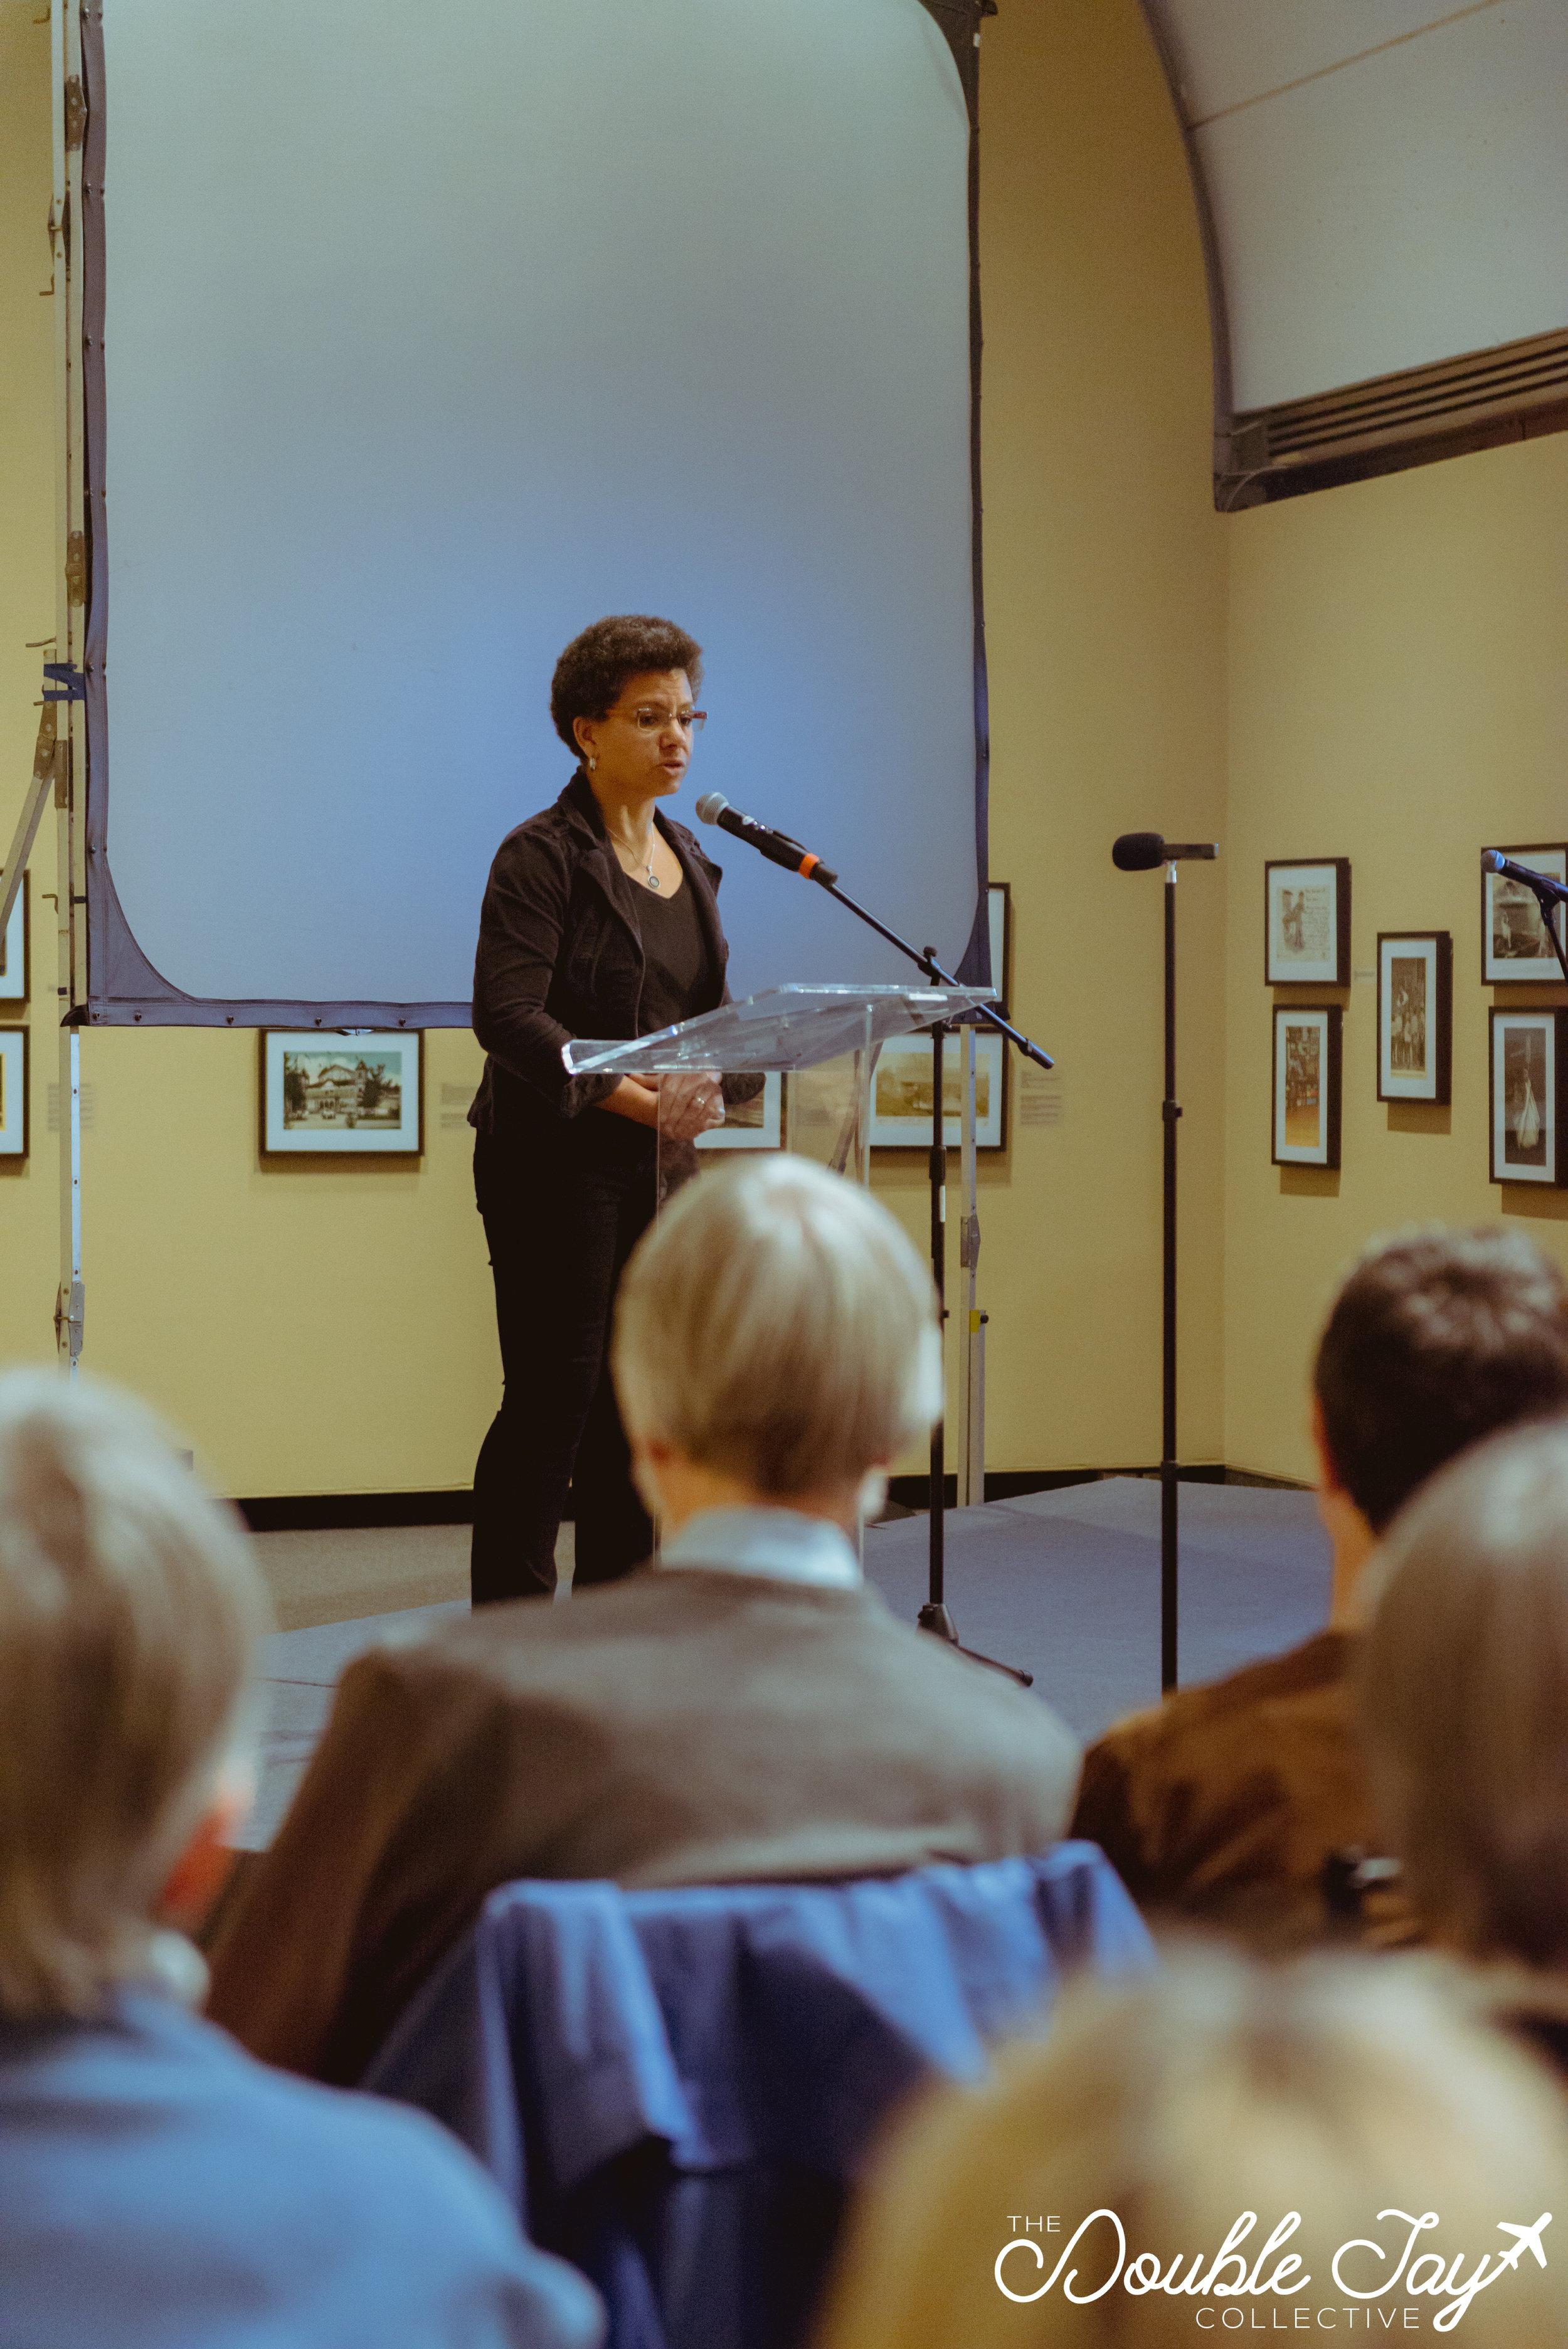 Datejie Green gives a heartfelt welcome to keynote speaker, Dr. Vandana Shiva.